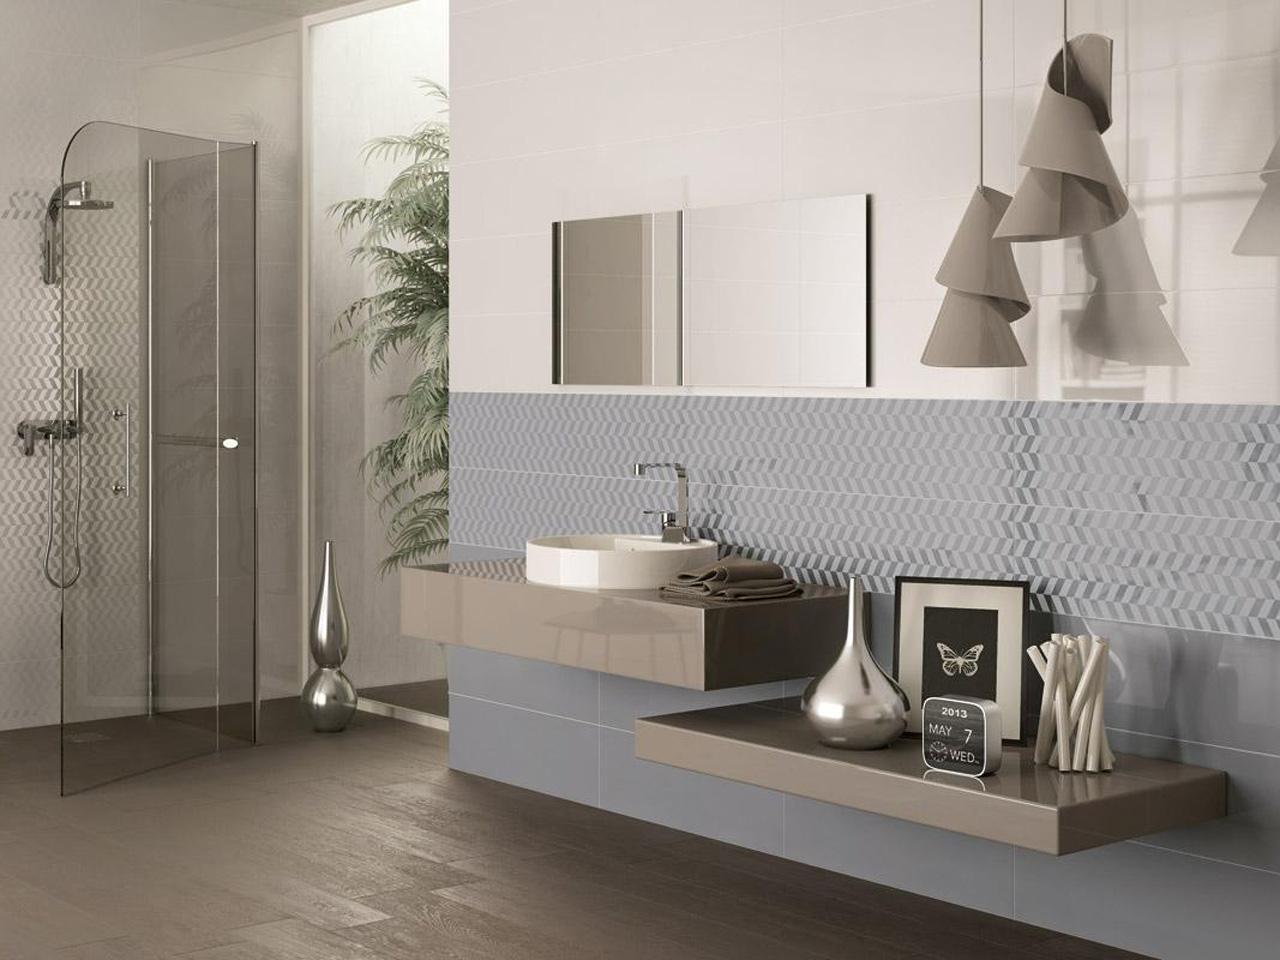 L 39 altezza ideale per il rivestimento delle pareti del bagno houselet - Idee per rivestire un bagno ...